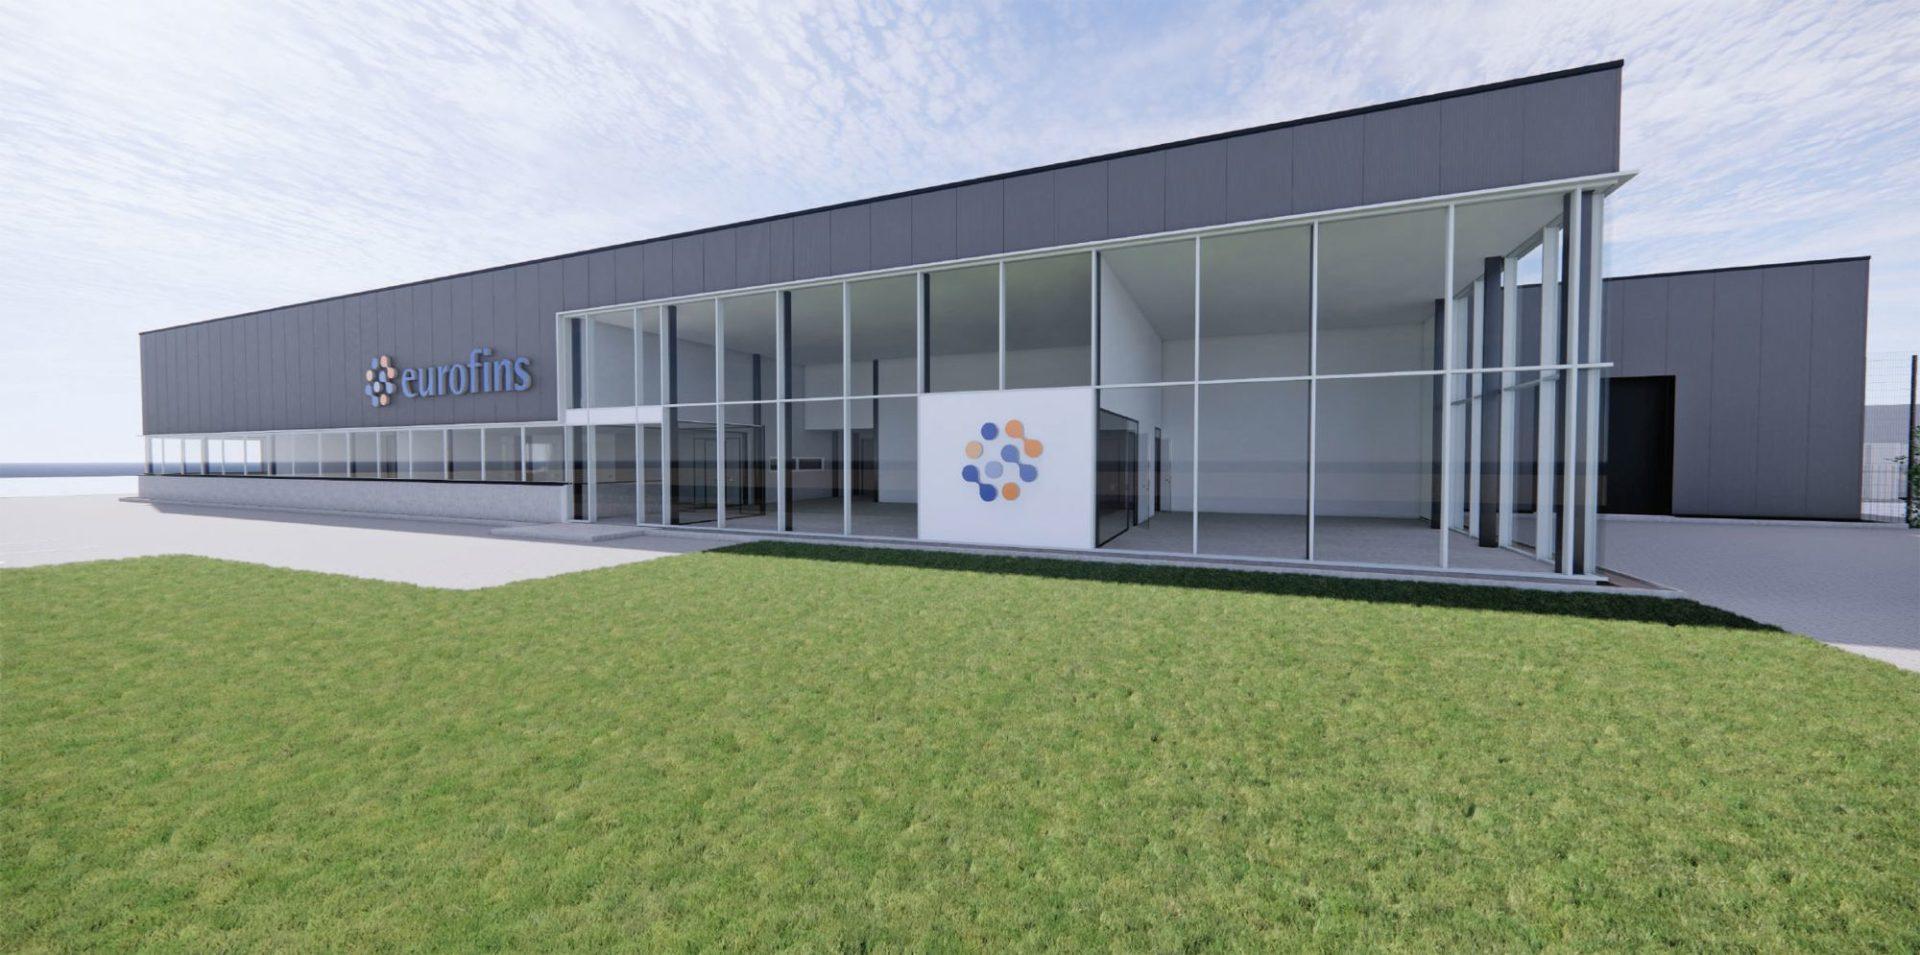 Wereldspeler Eurofins bleef toch in Heerenveen en zorgt voor innovaties in de agrofood-sector